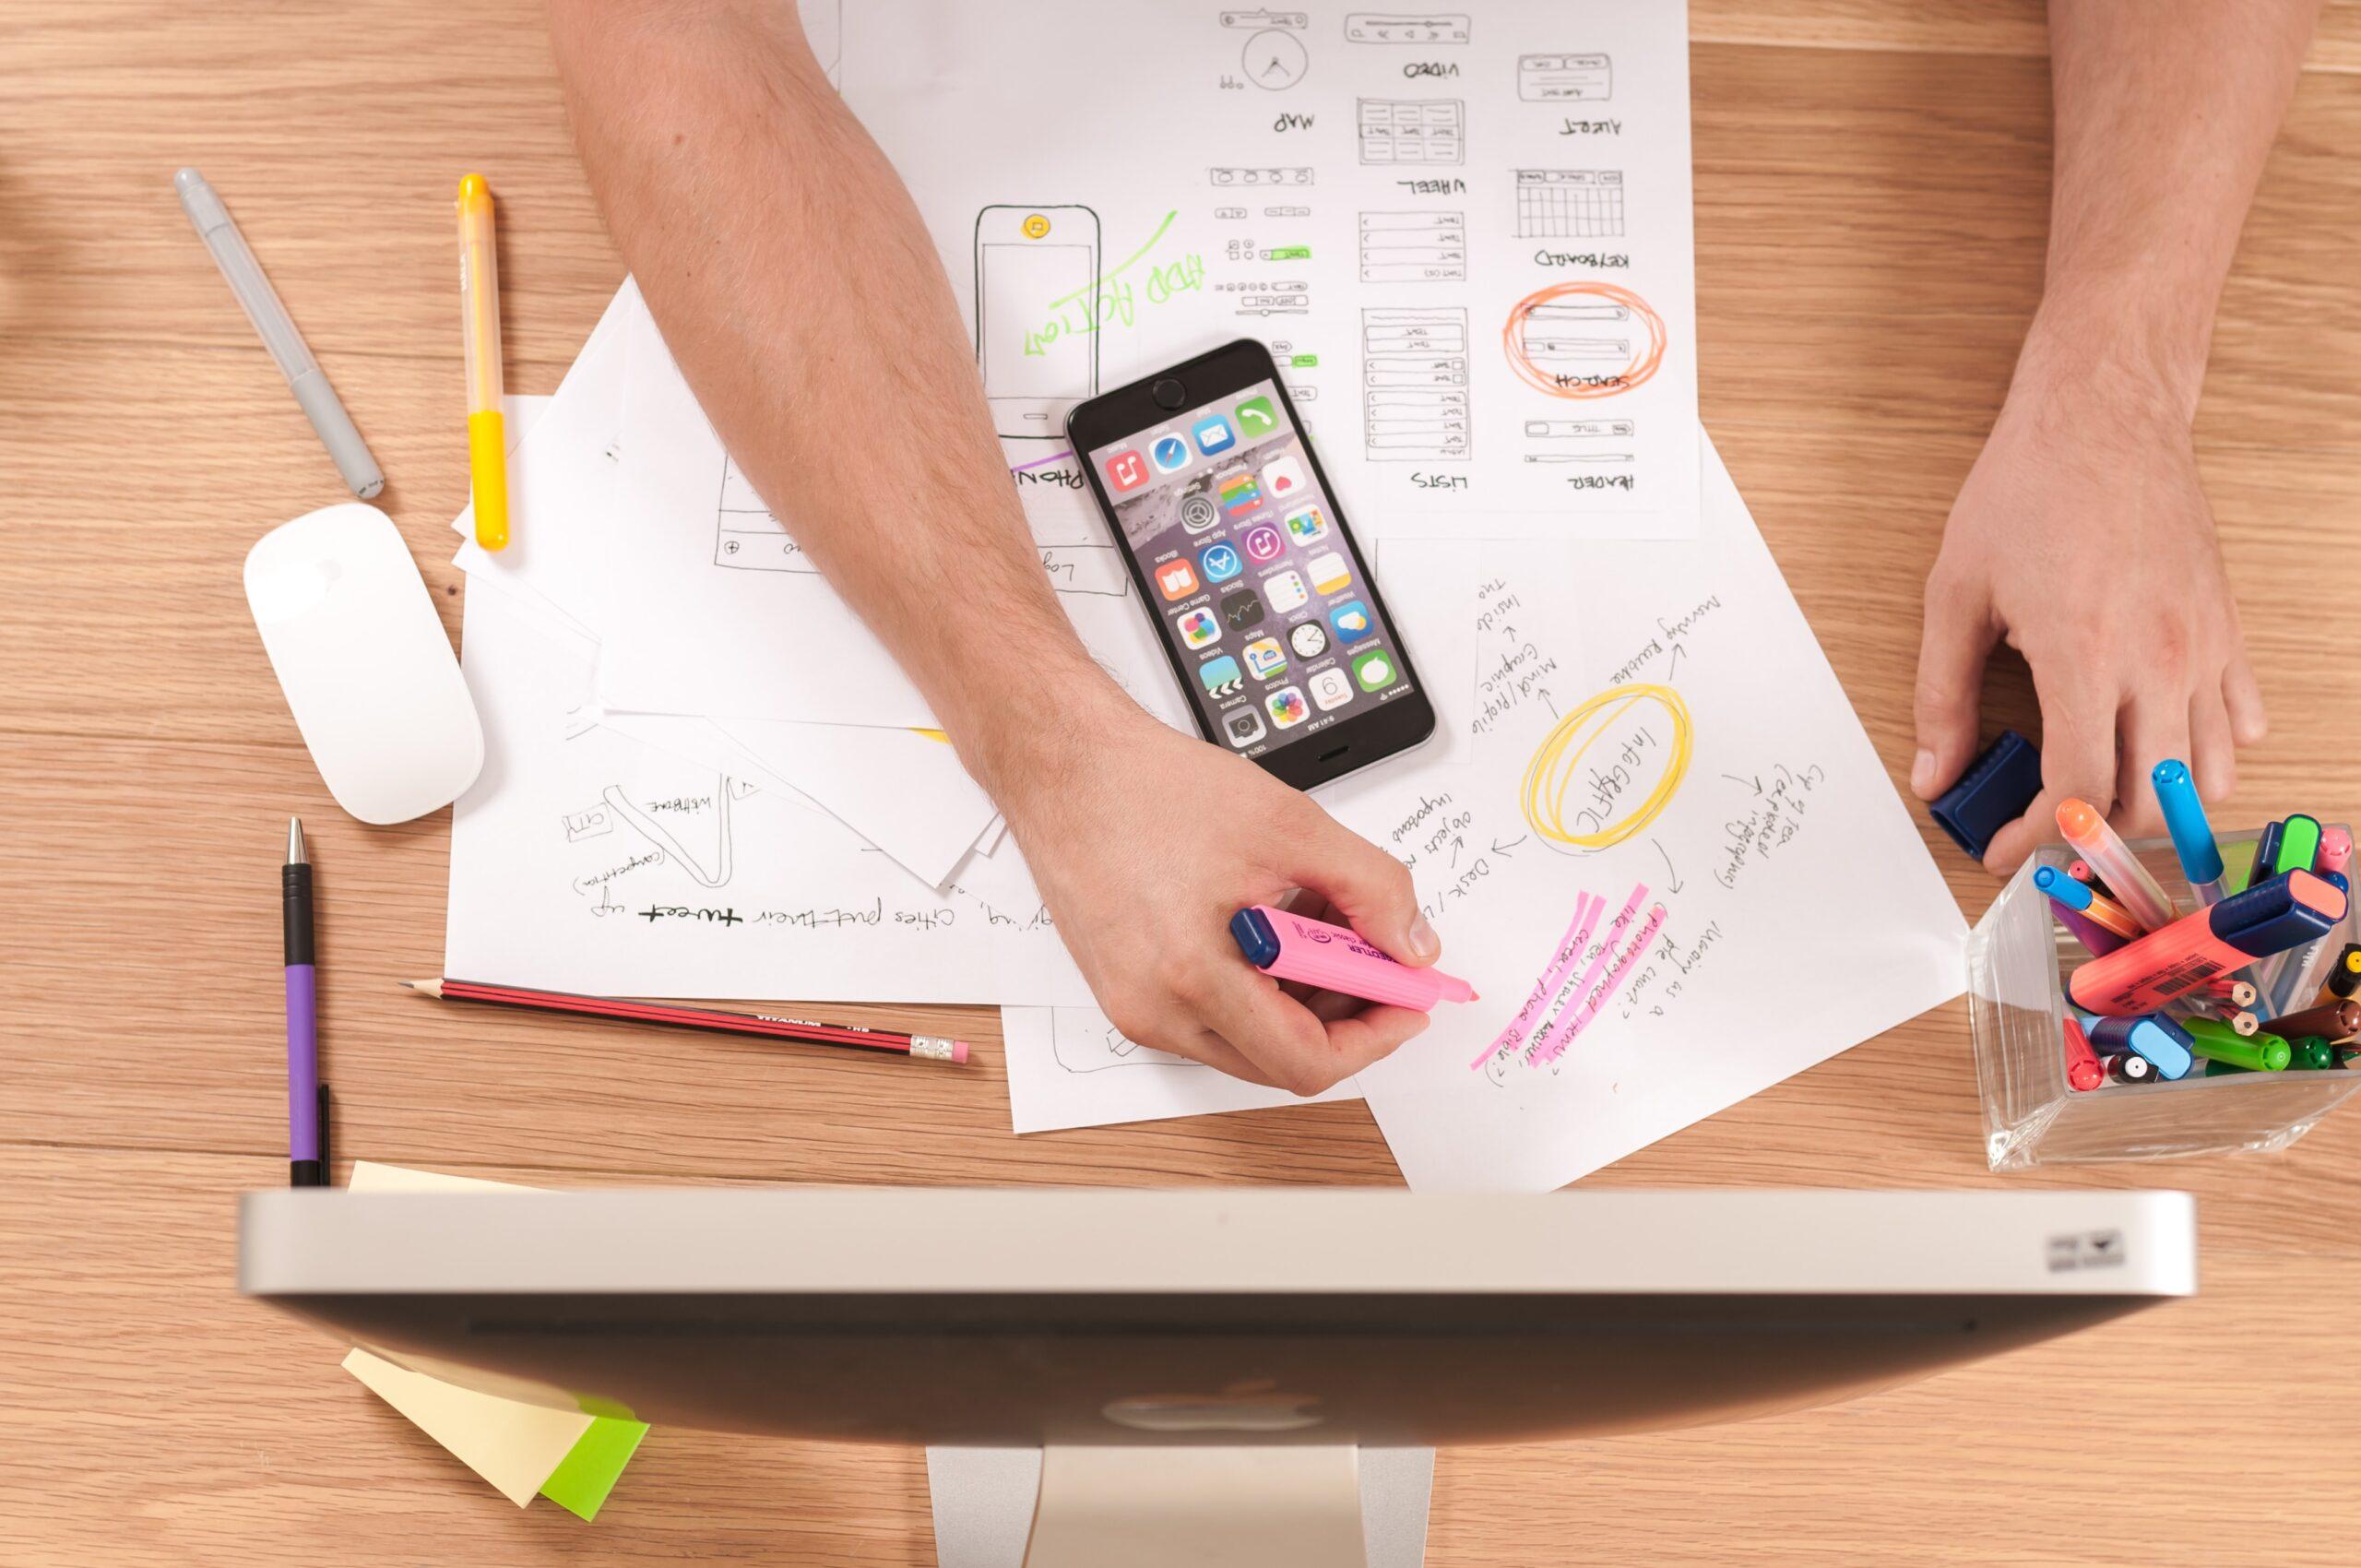 """オフィスデザインは""""快適""""、""""作業効率アップ""""など目的がある"""